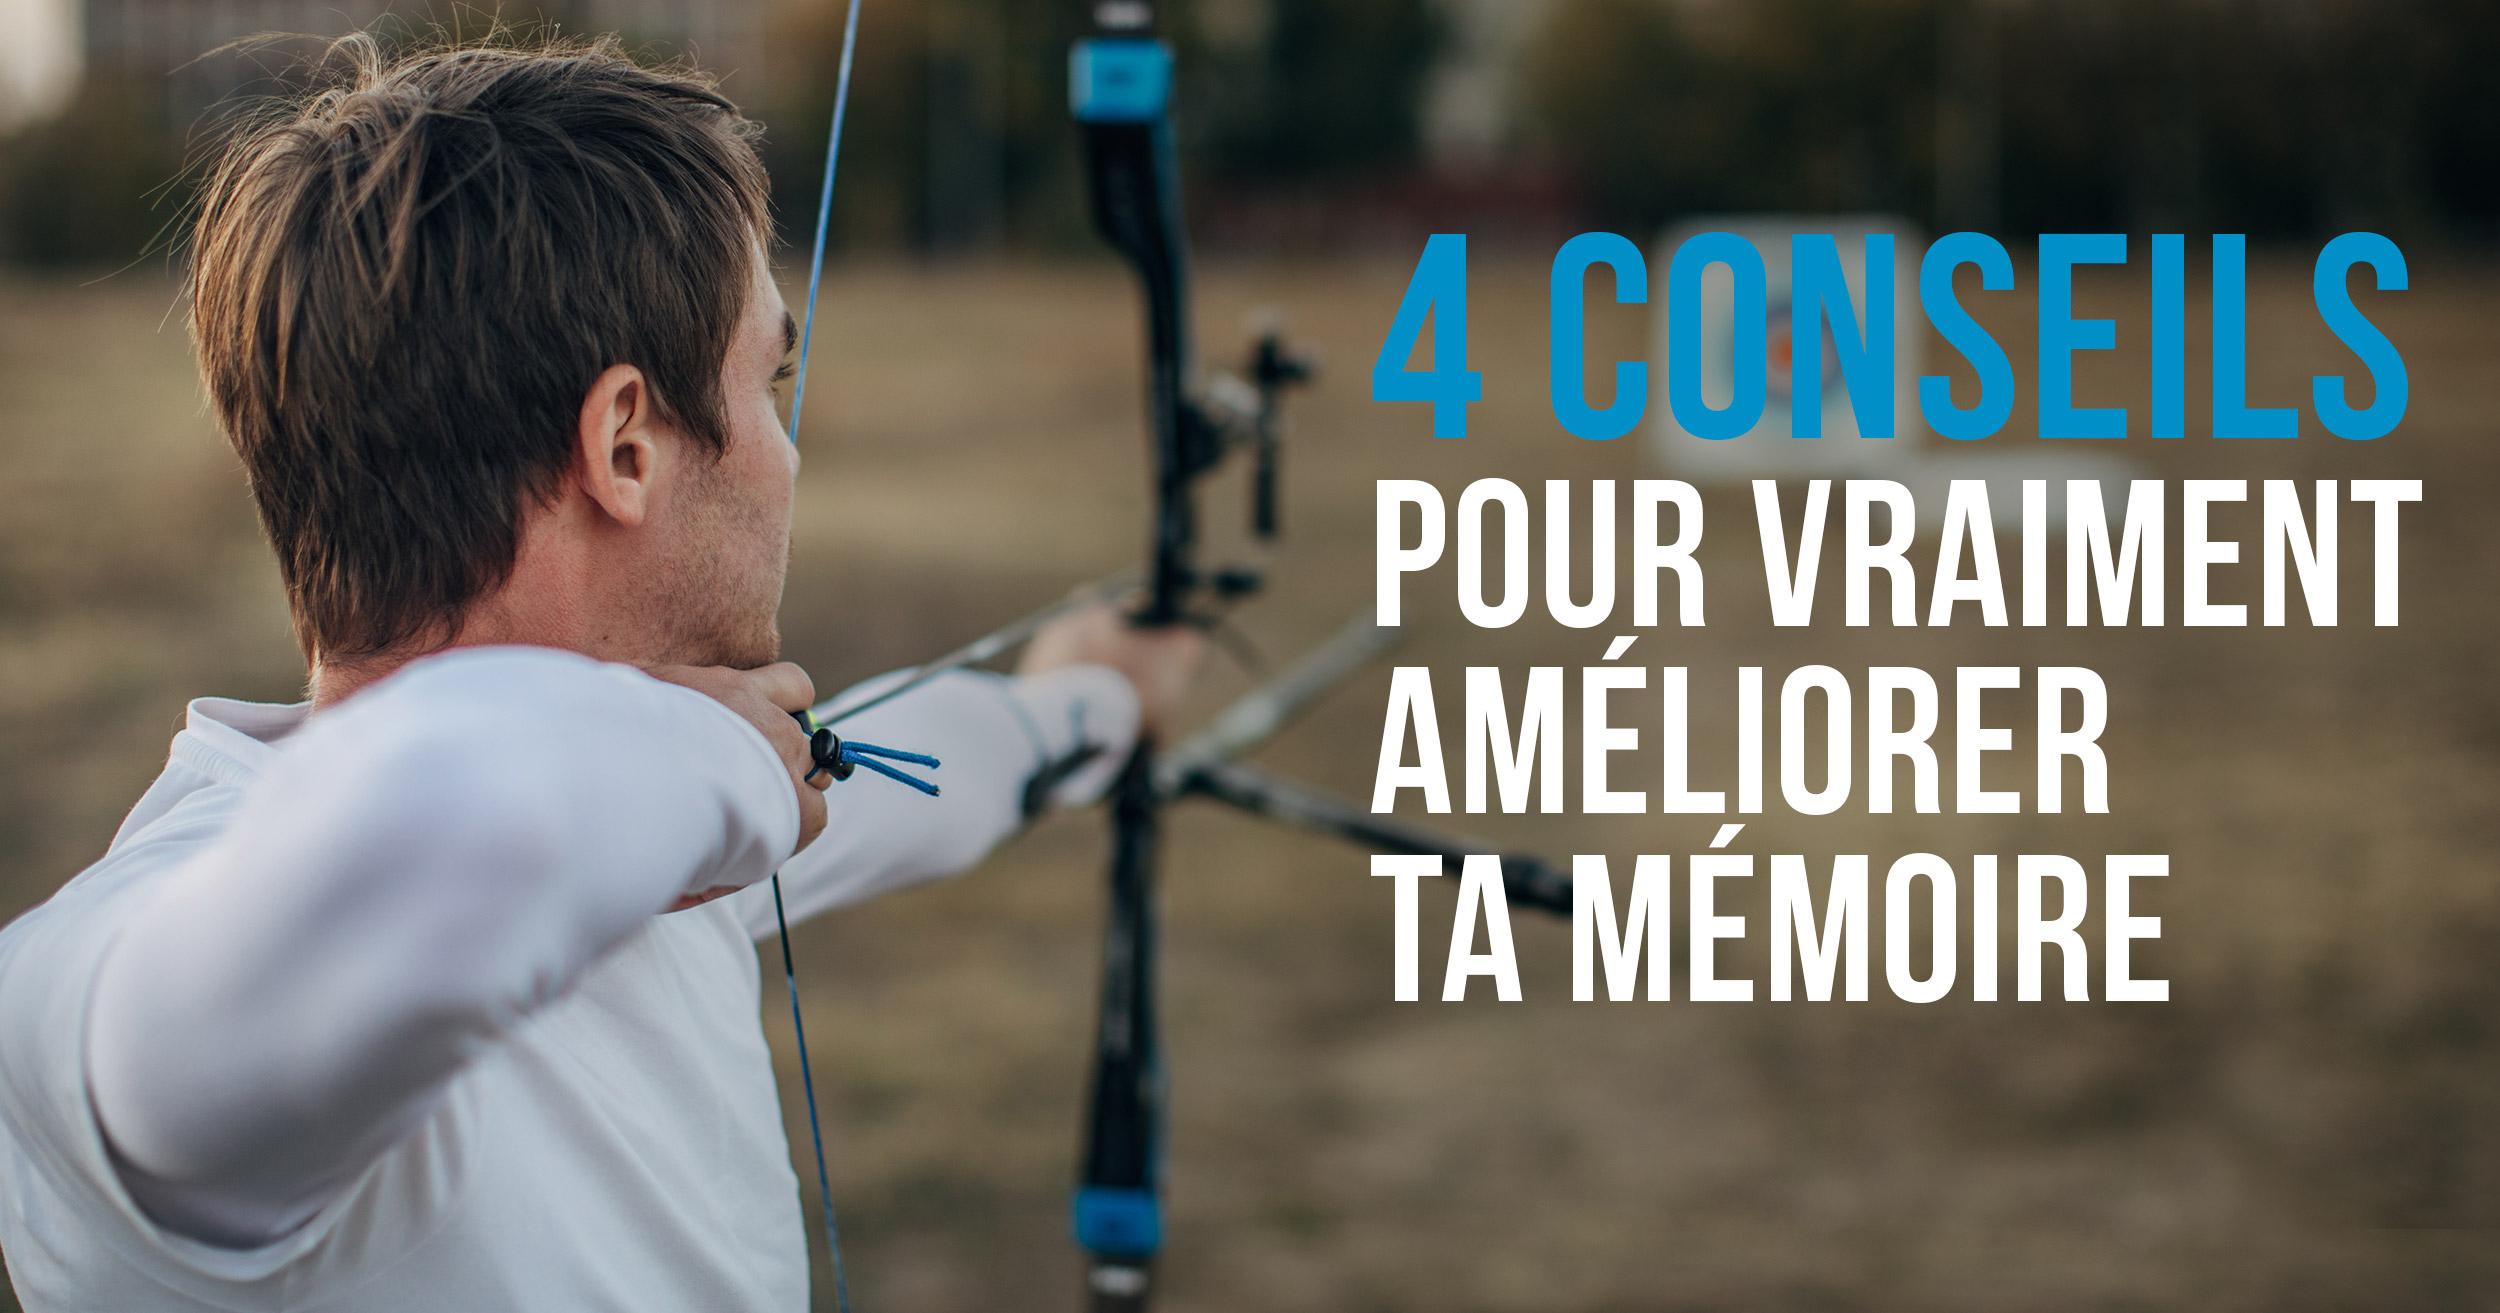 4 conseils pour vraiment améliorer ta mémoire